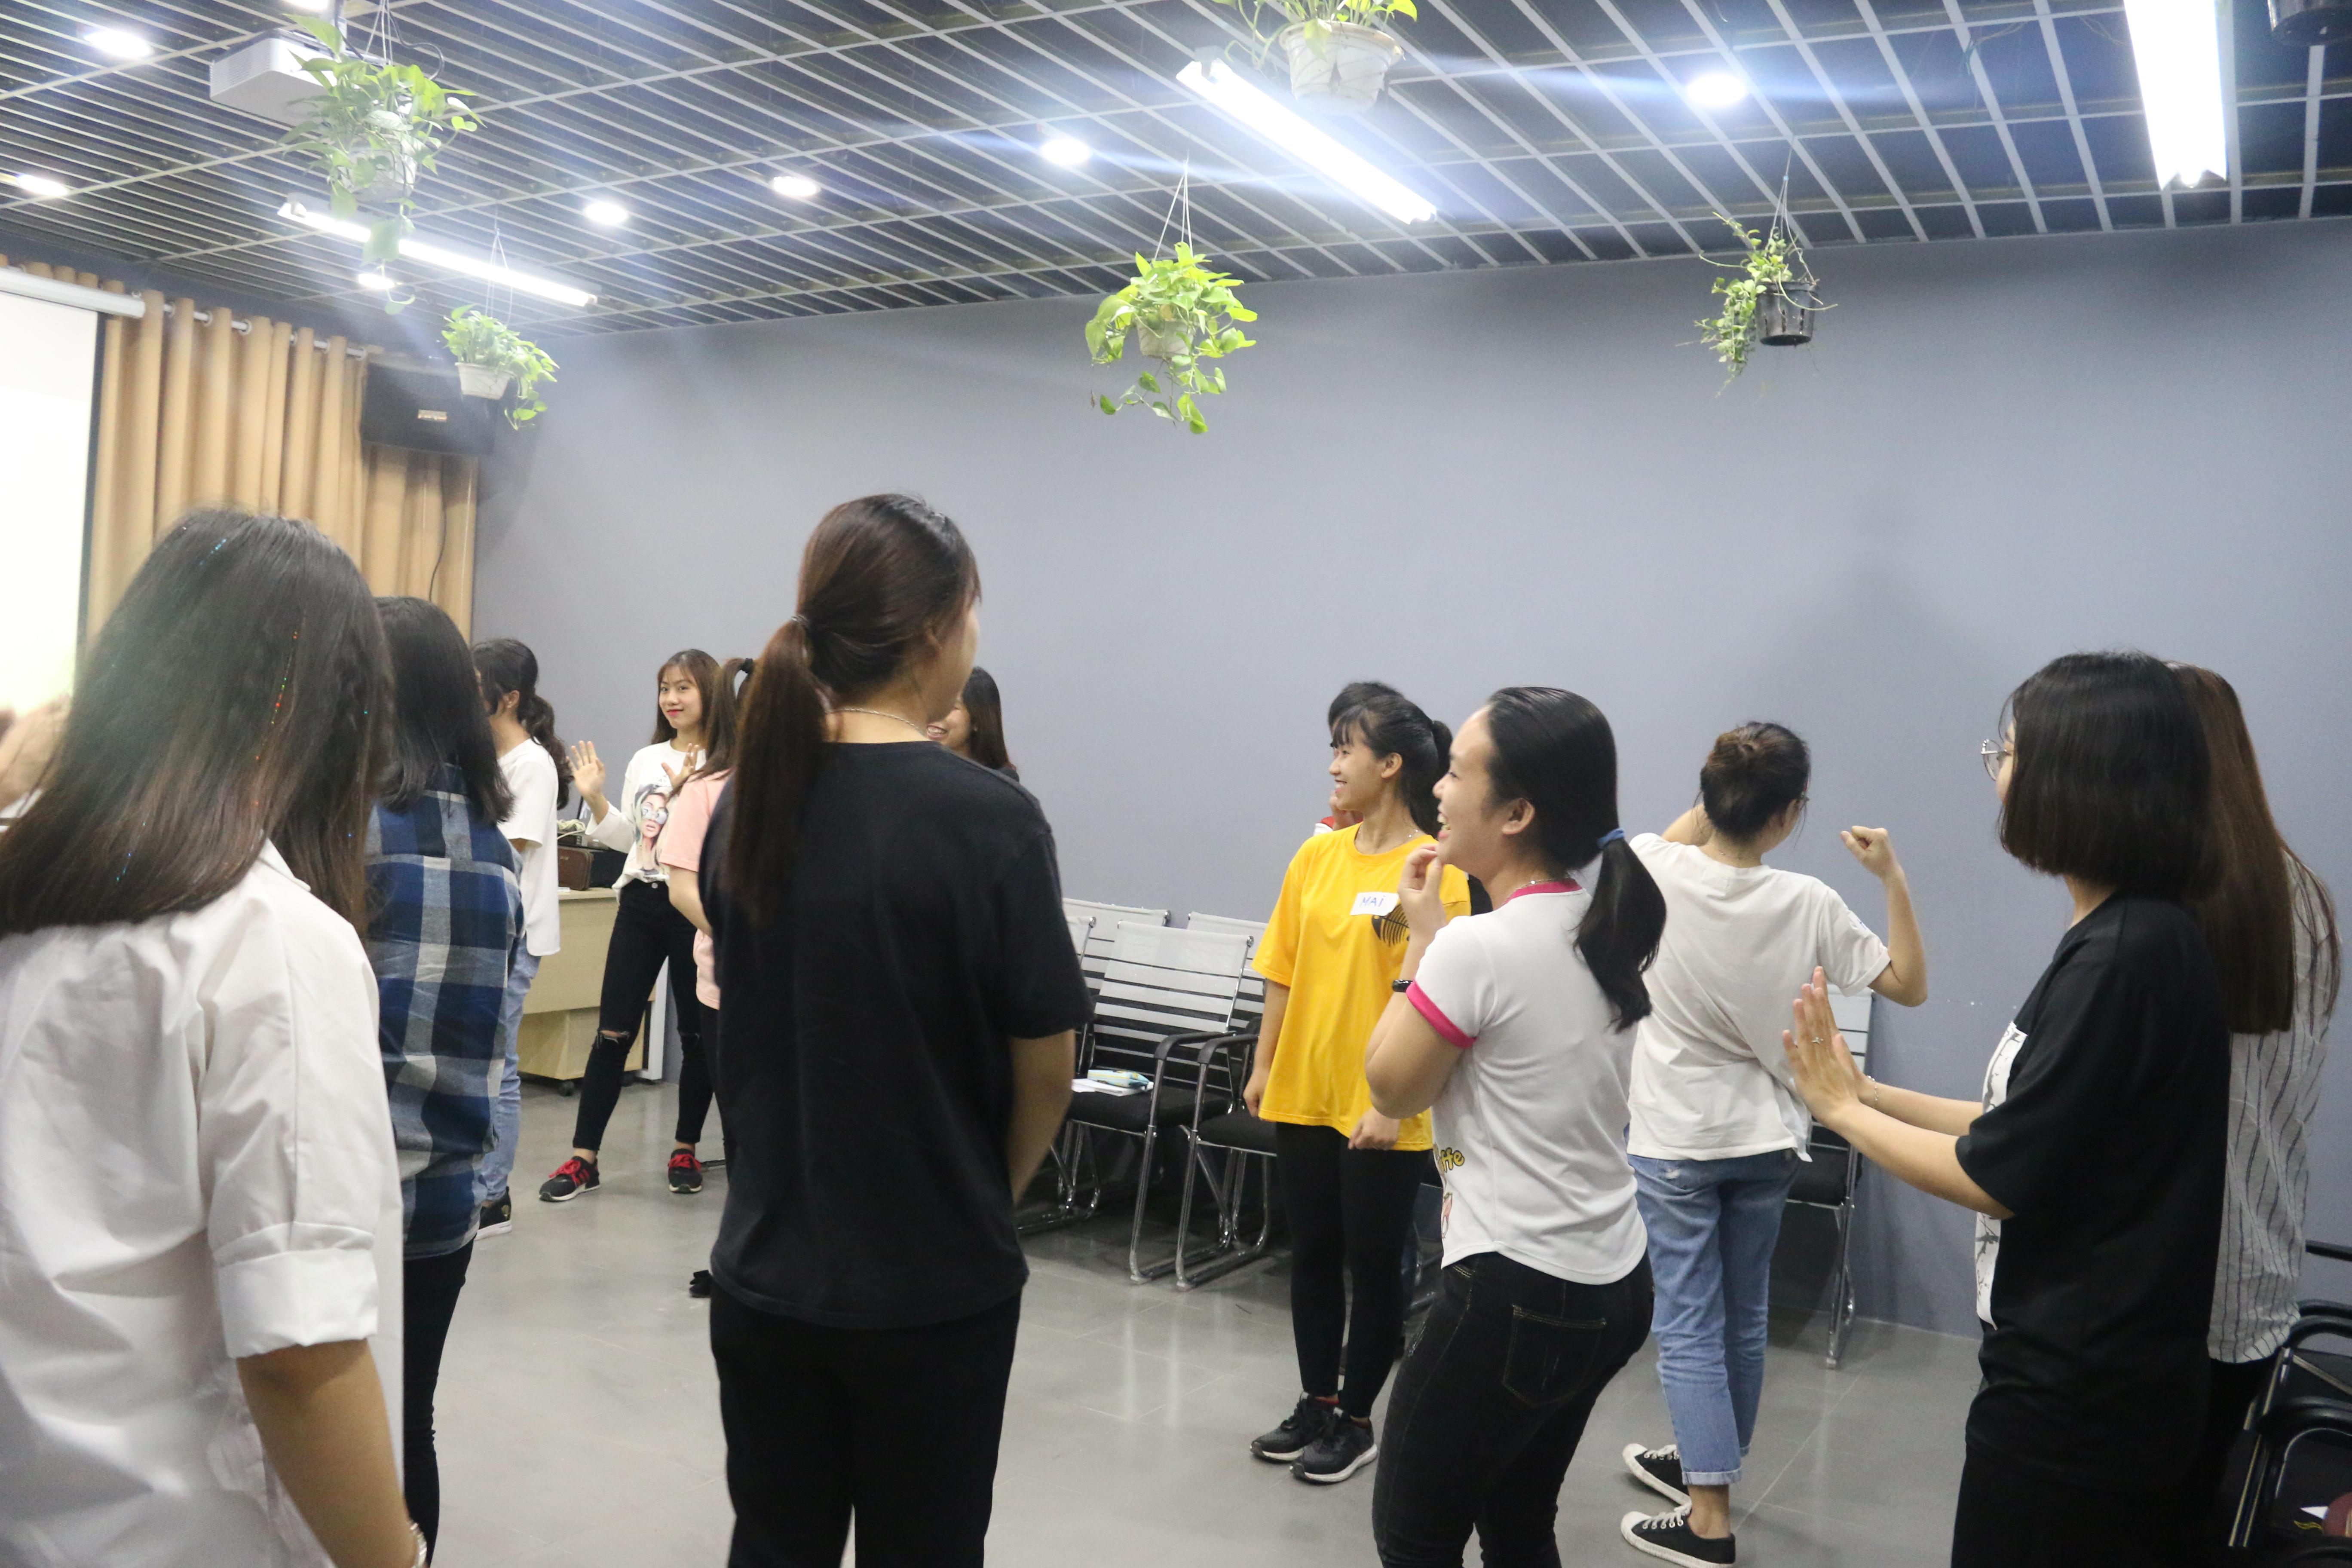 Trò chơi đập cây chuối của các bạn học viên.